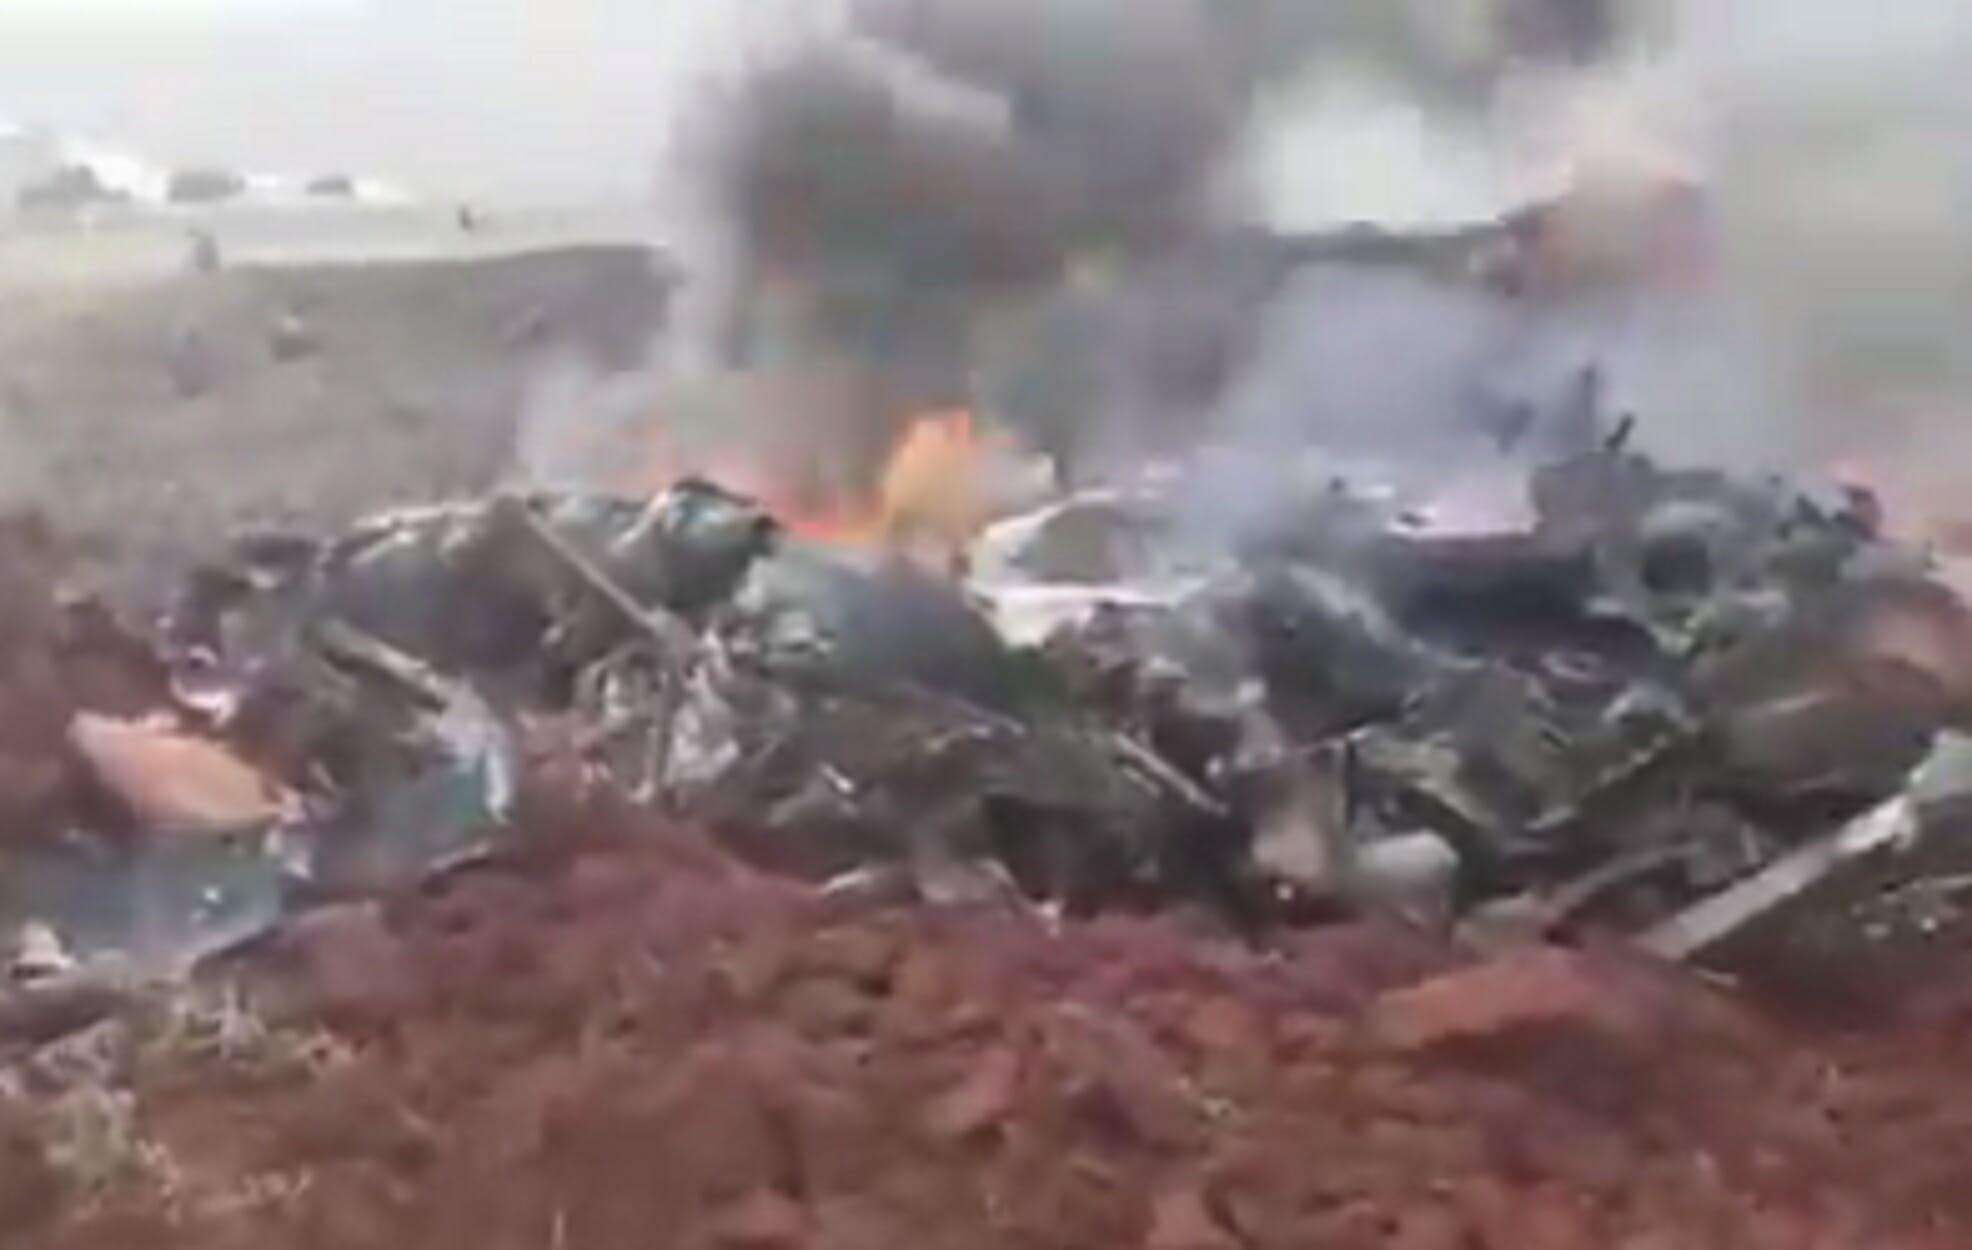 Συρία: Καταρρίφθηκε ελικόπτερο των κυβερνητικών δυνάμεων! Δείτε το βίντεο